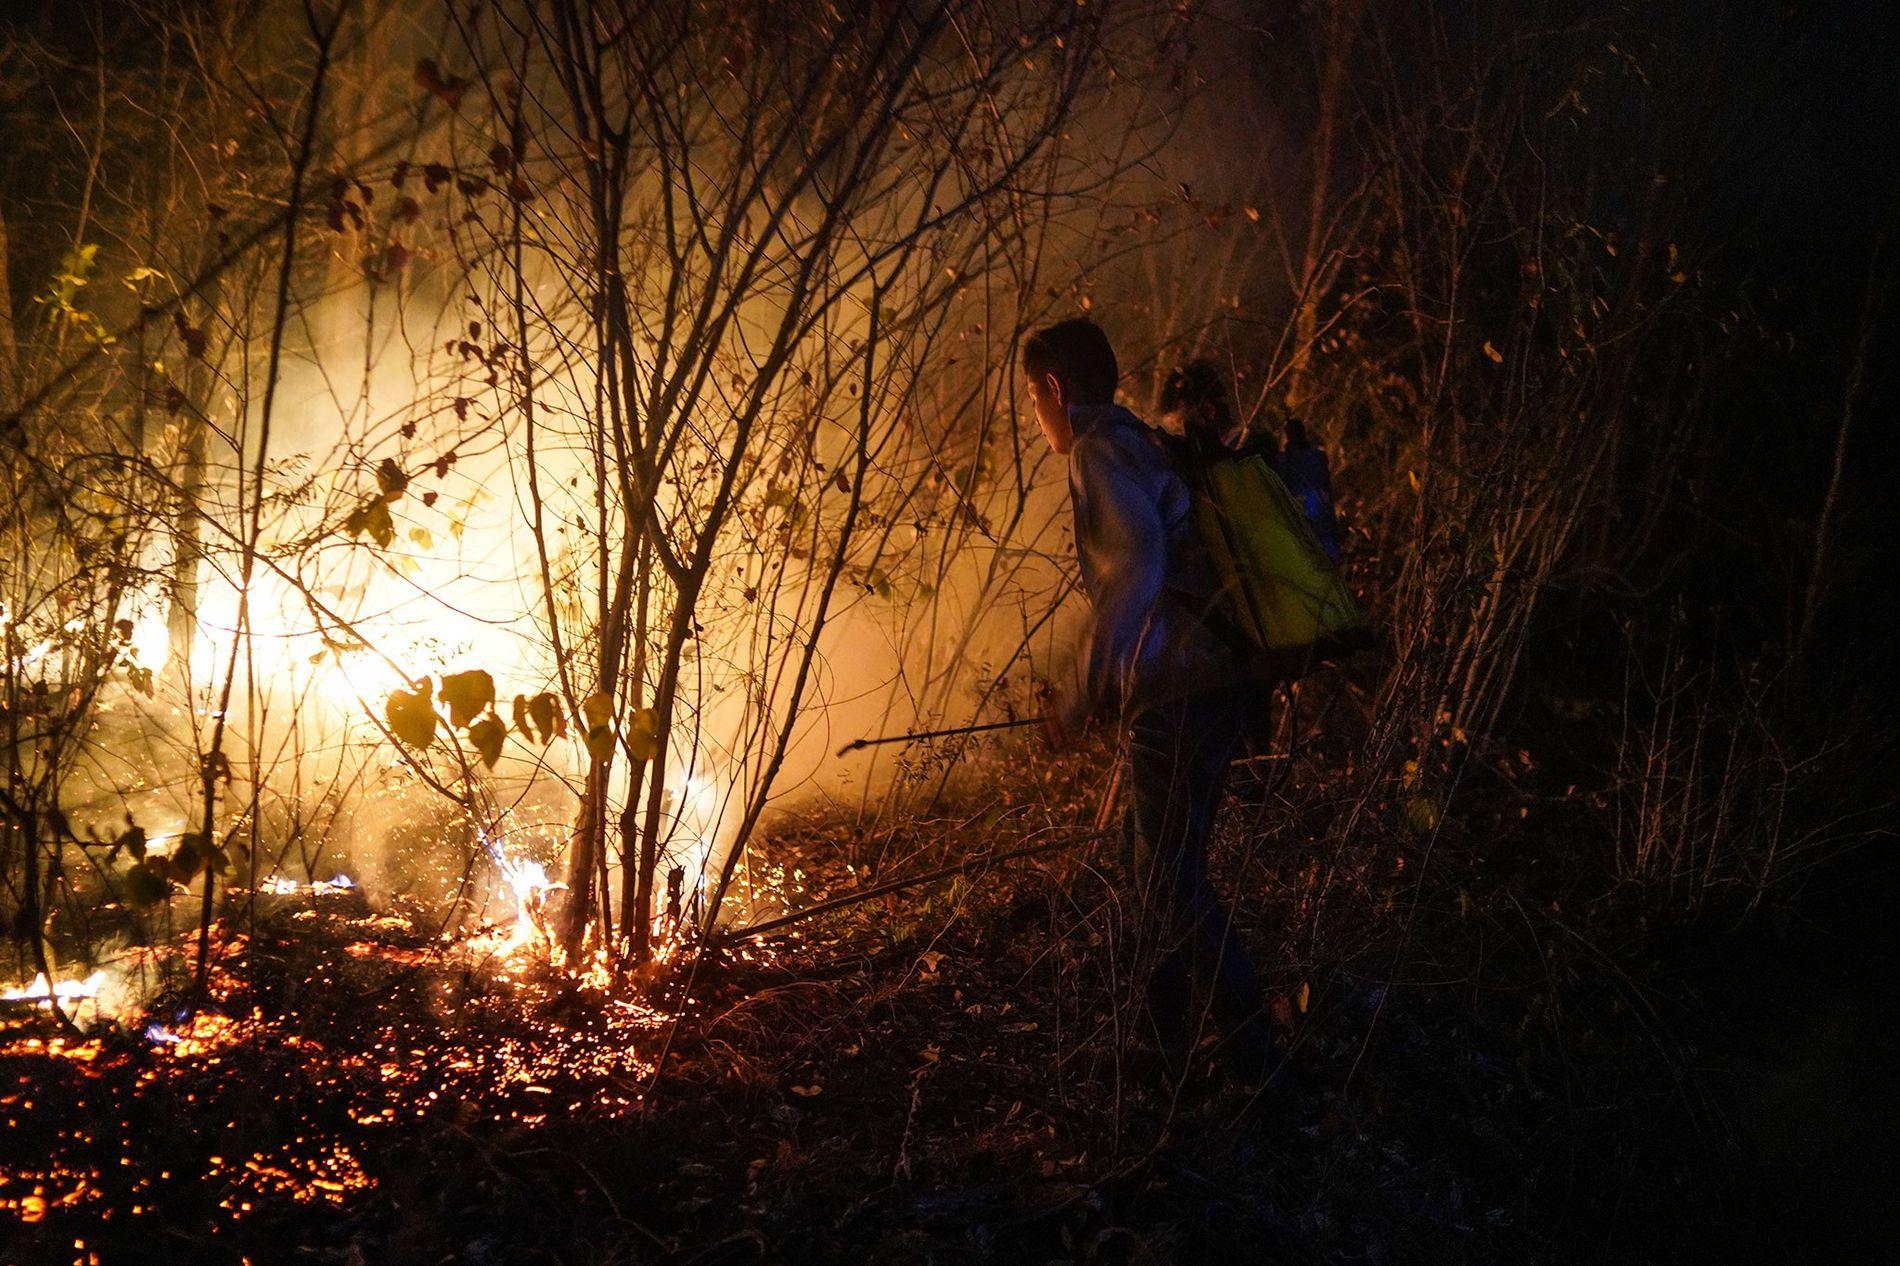 Los jóvenes voluntarios de Roboré, una localidad a 32 kilómetros de Aguas Calientes, intentan extinguir las ...